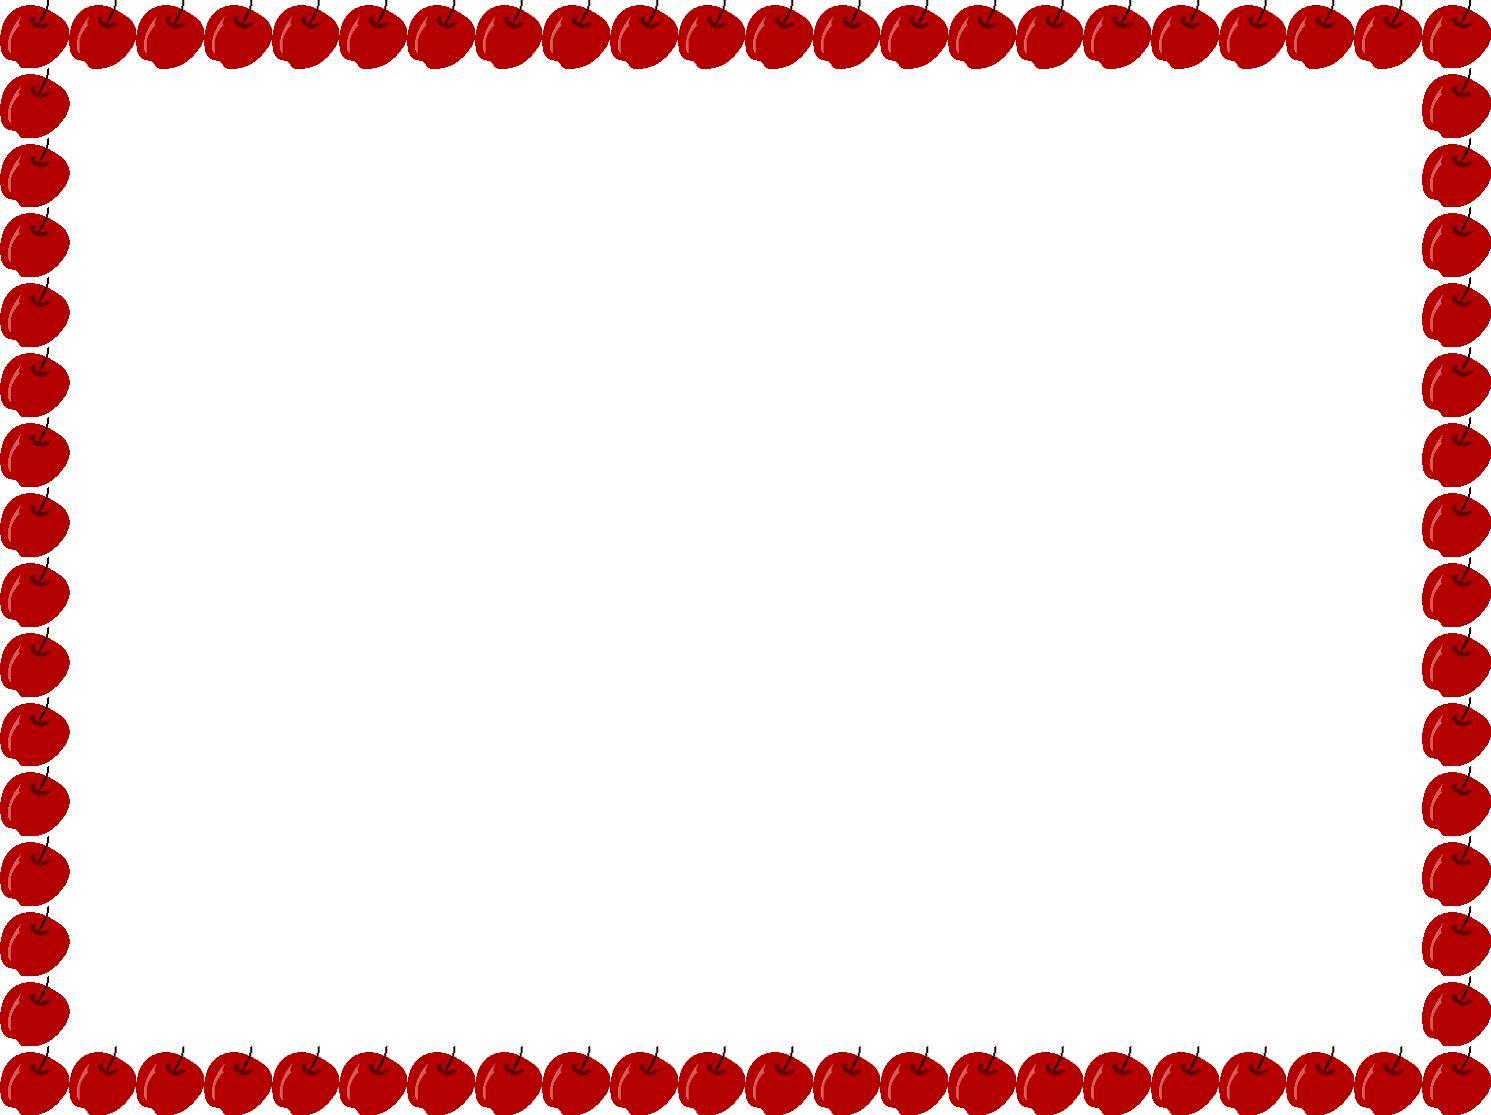 1491x1115 Best Preschool Borders